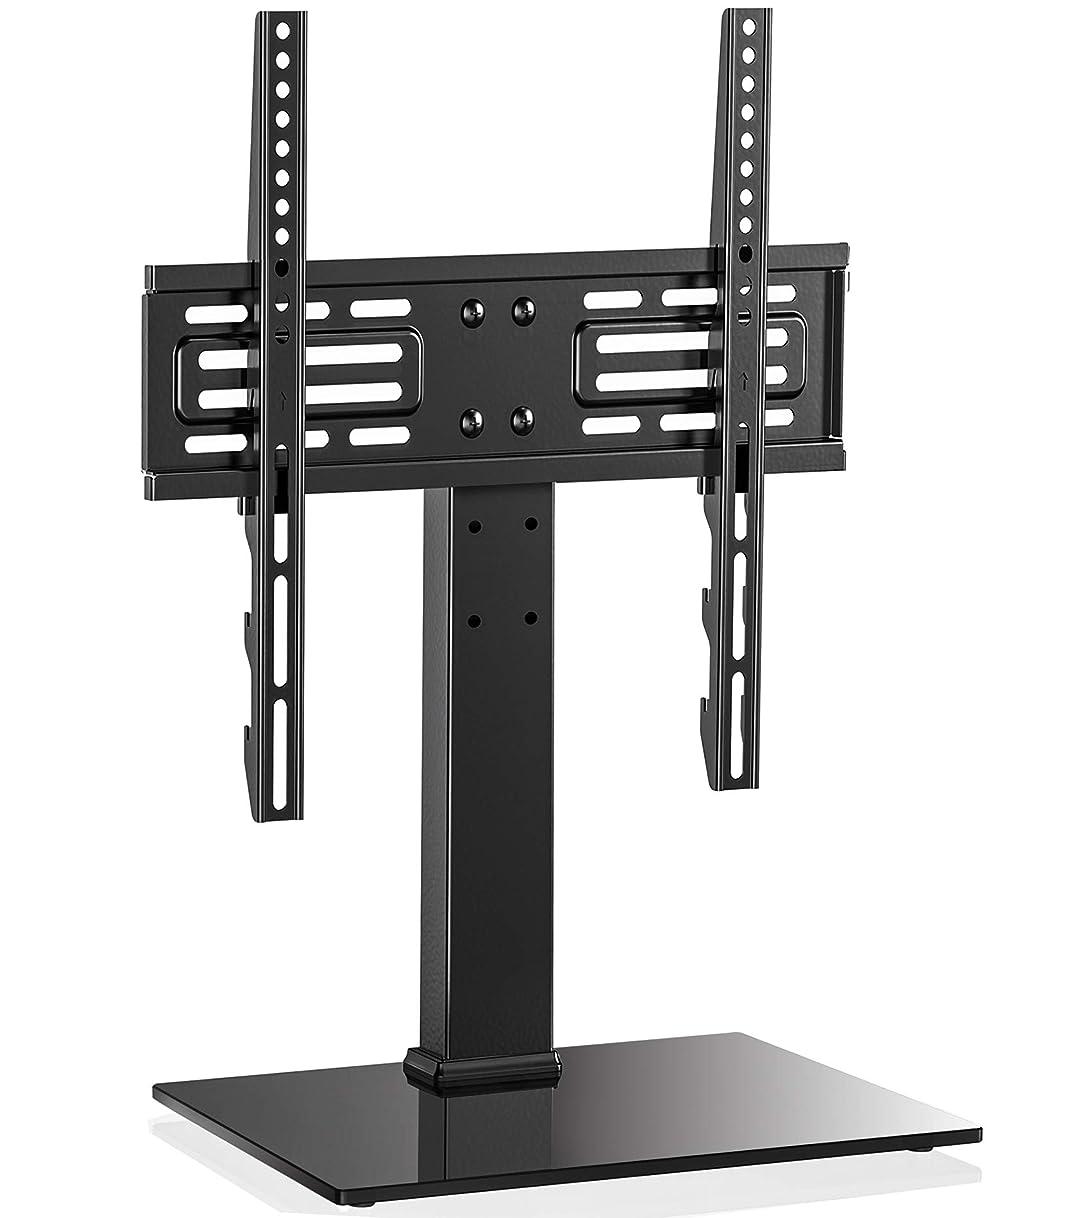 蒸留するメールを書く方法FITUEYES テレビスタンド 27~55インチ対応 壁寄せテレビスタンド テレビ台 高さ調節可能 TT103701GB